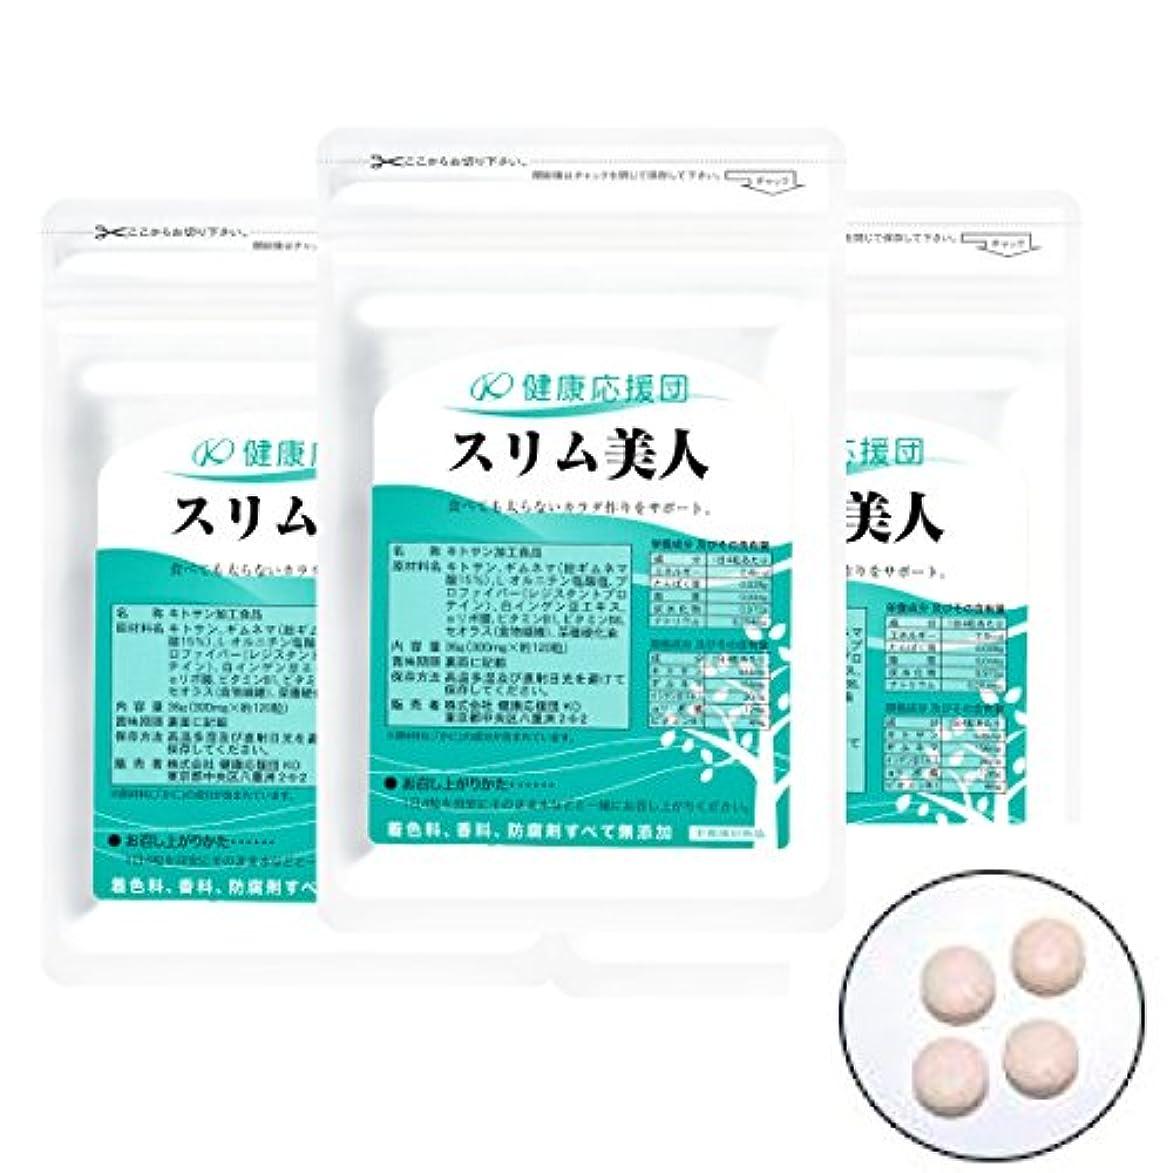 擁する再生可能やけどスリム美人 3袋360粒 (αリポ酸?白インゲン豆エキス?オルニチンプラス)